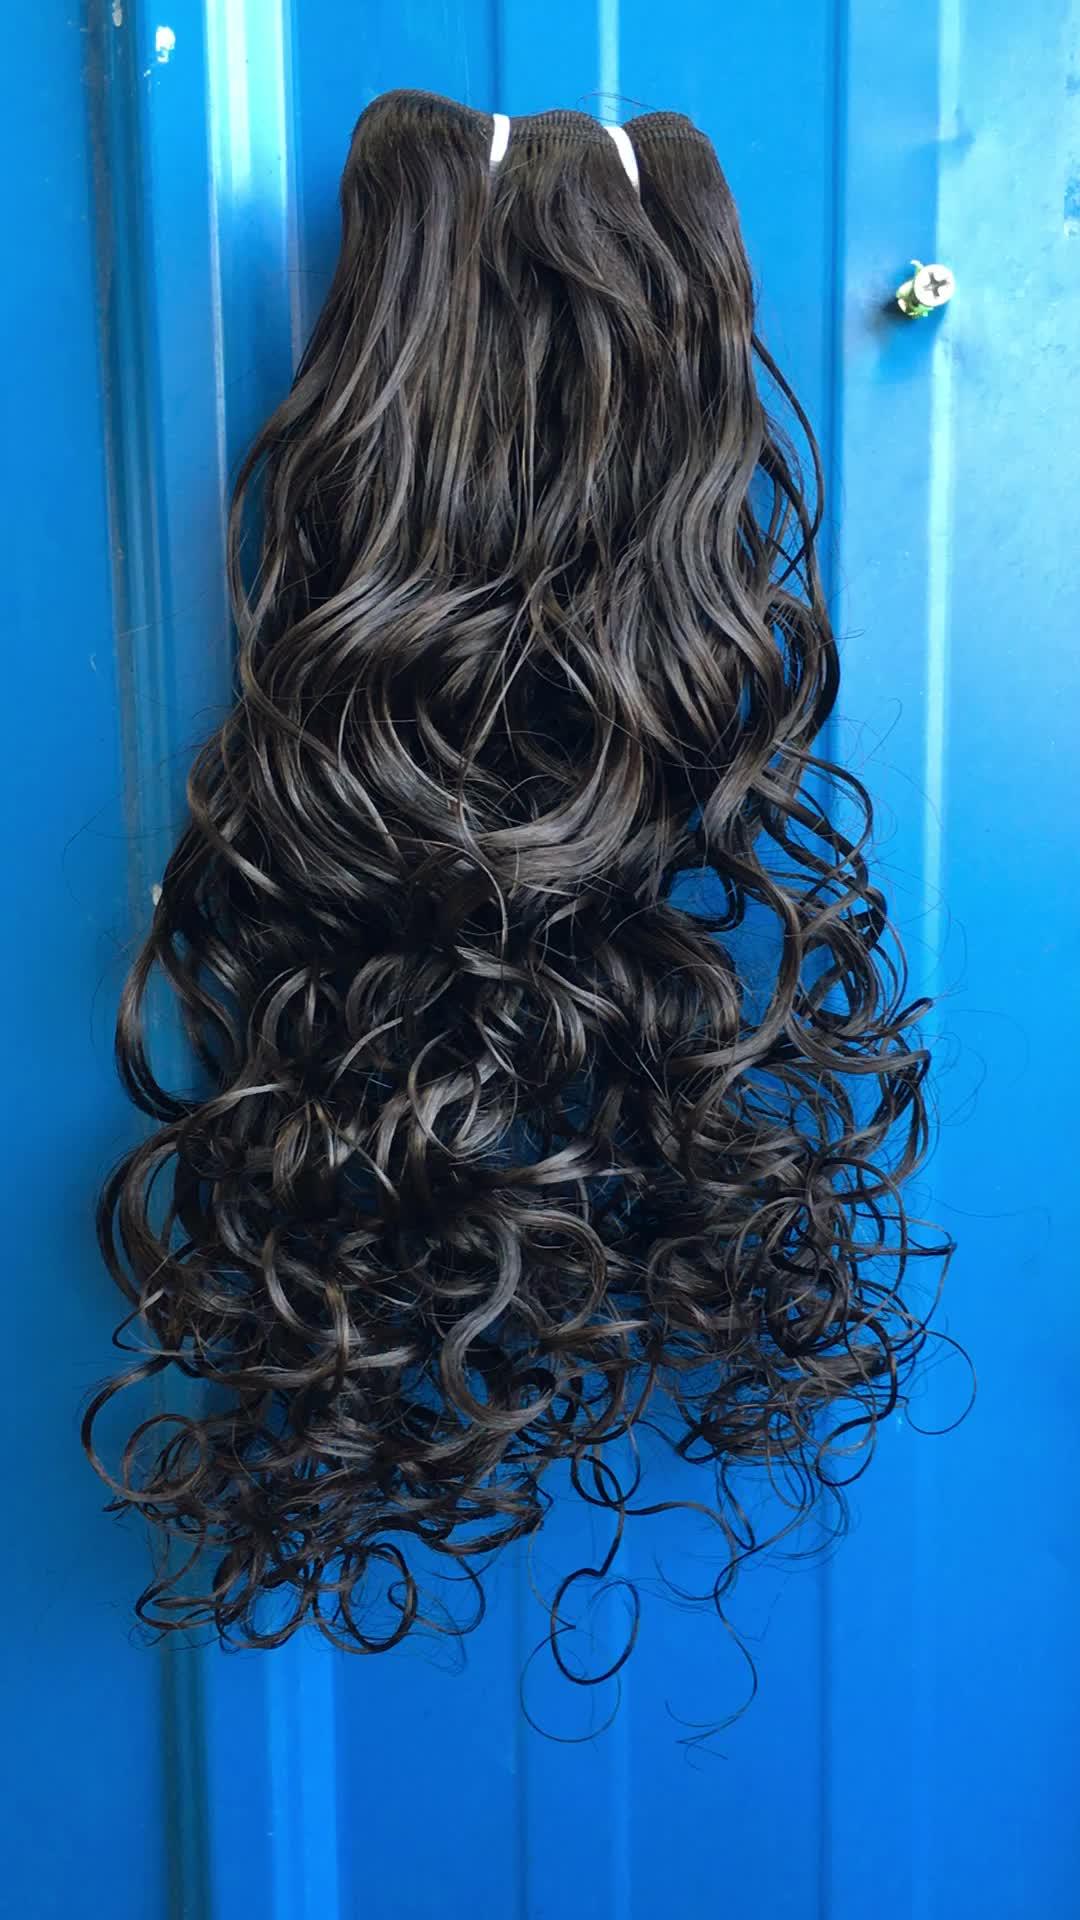 Il miglior stile di vendita del sudest asiatico dei capelli del commercio all'ingrosso dei capelli umani raw tempio indiano dei capelli direttamente da india